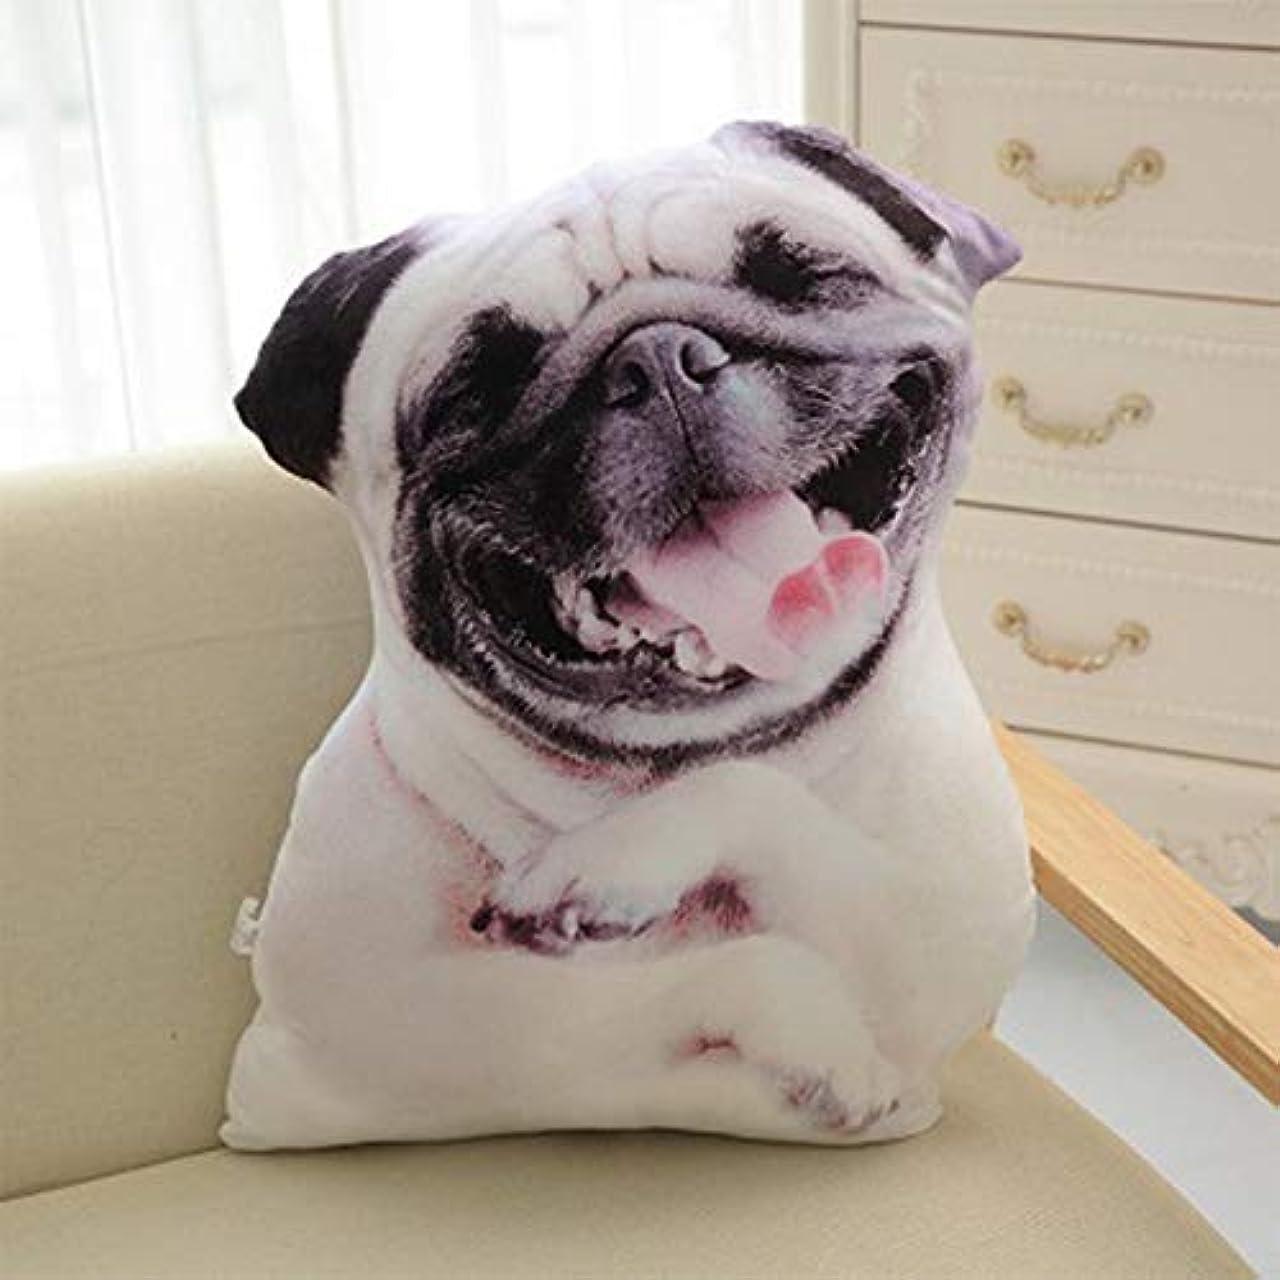 モンク不従順インフラLIFE 3D プリントシミュレーション犬ぬいぐるみクッションぬいぐるみ犬ぬいぐるみ枕ぬいぐるみの漫画クッションキッズ人形ベストギフト クッション 椅子